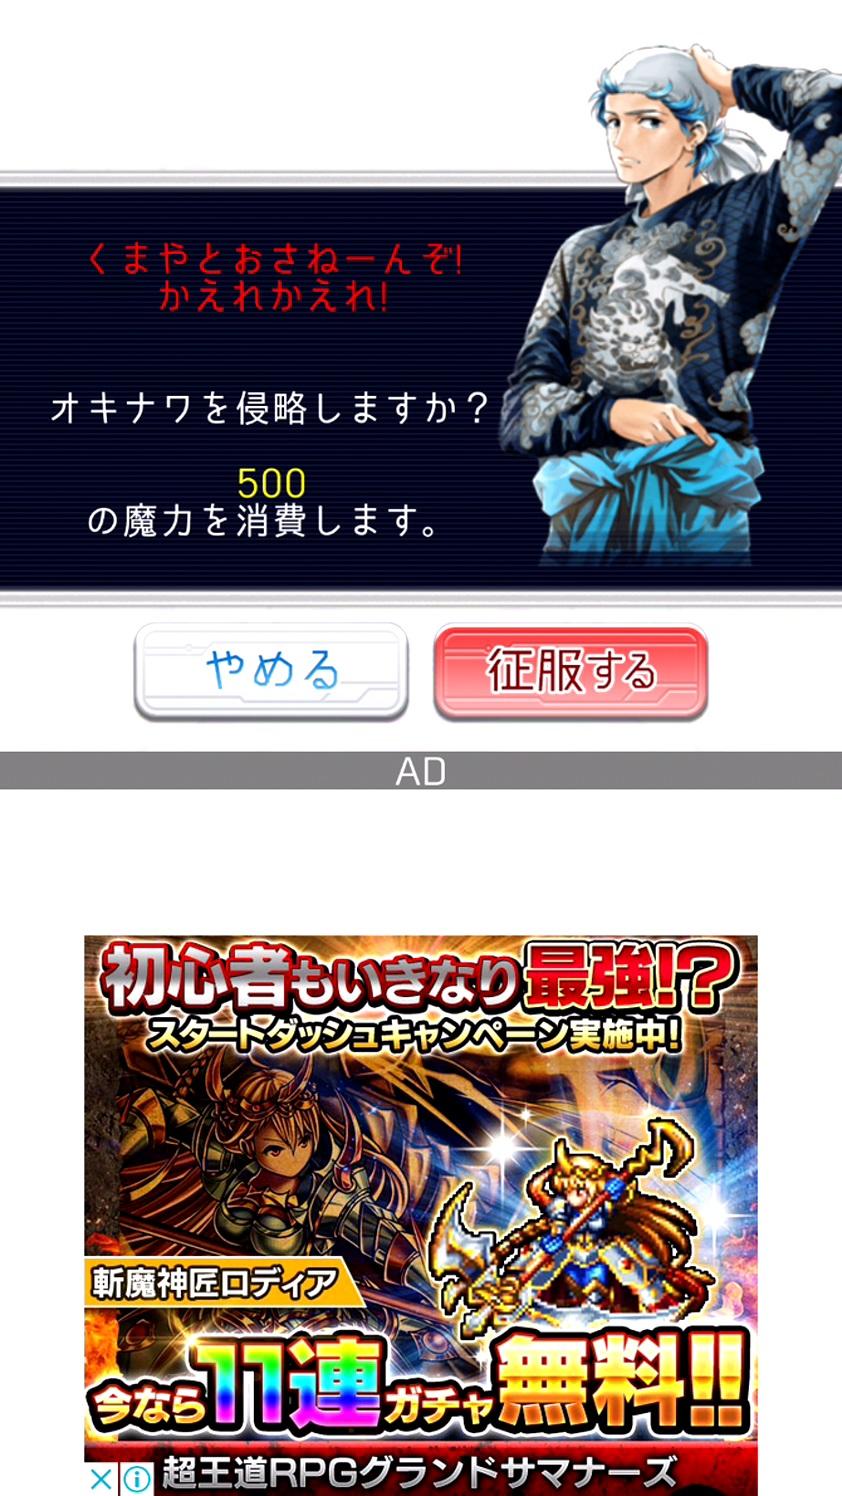 androidアプリ [日本のみなさんさようなら]~ゼロから始める魔王生活~攻略スクリーンショット4